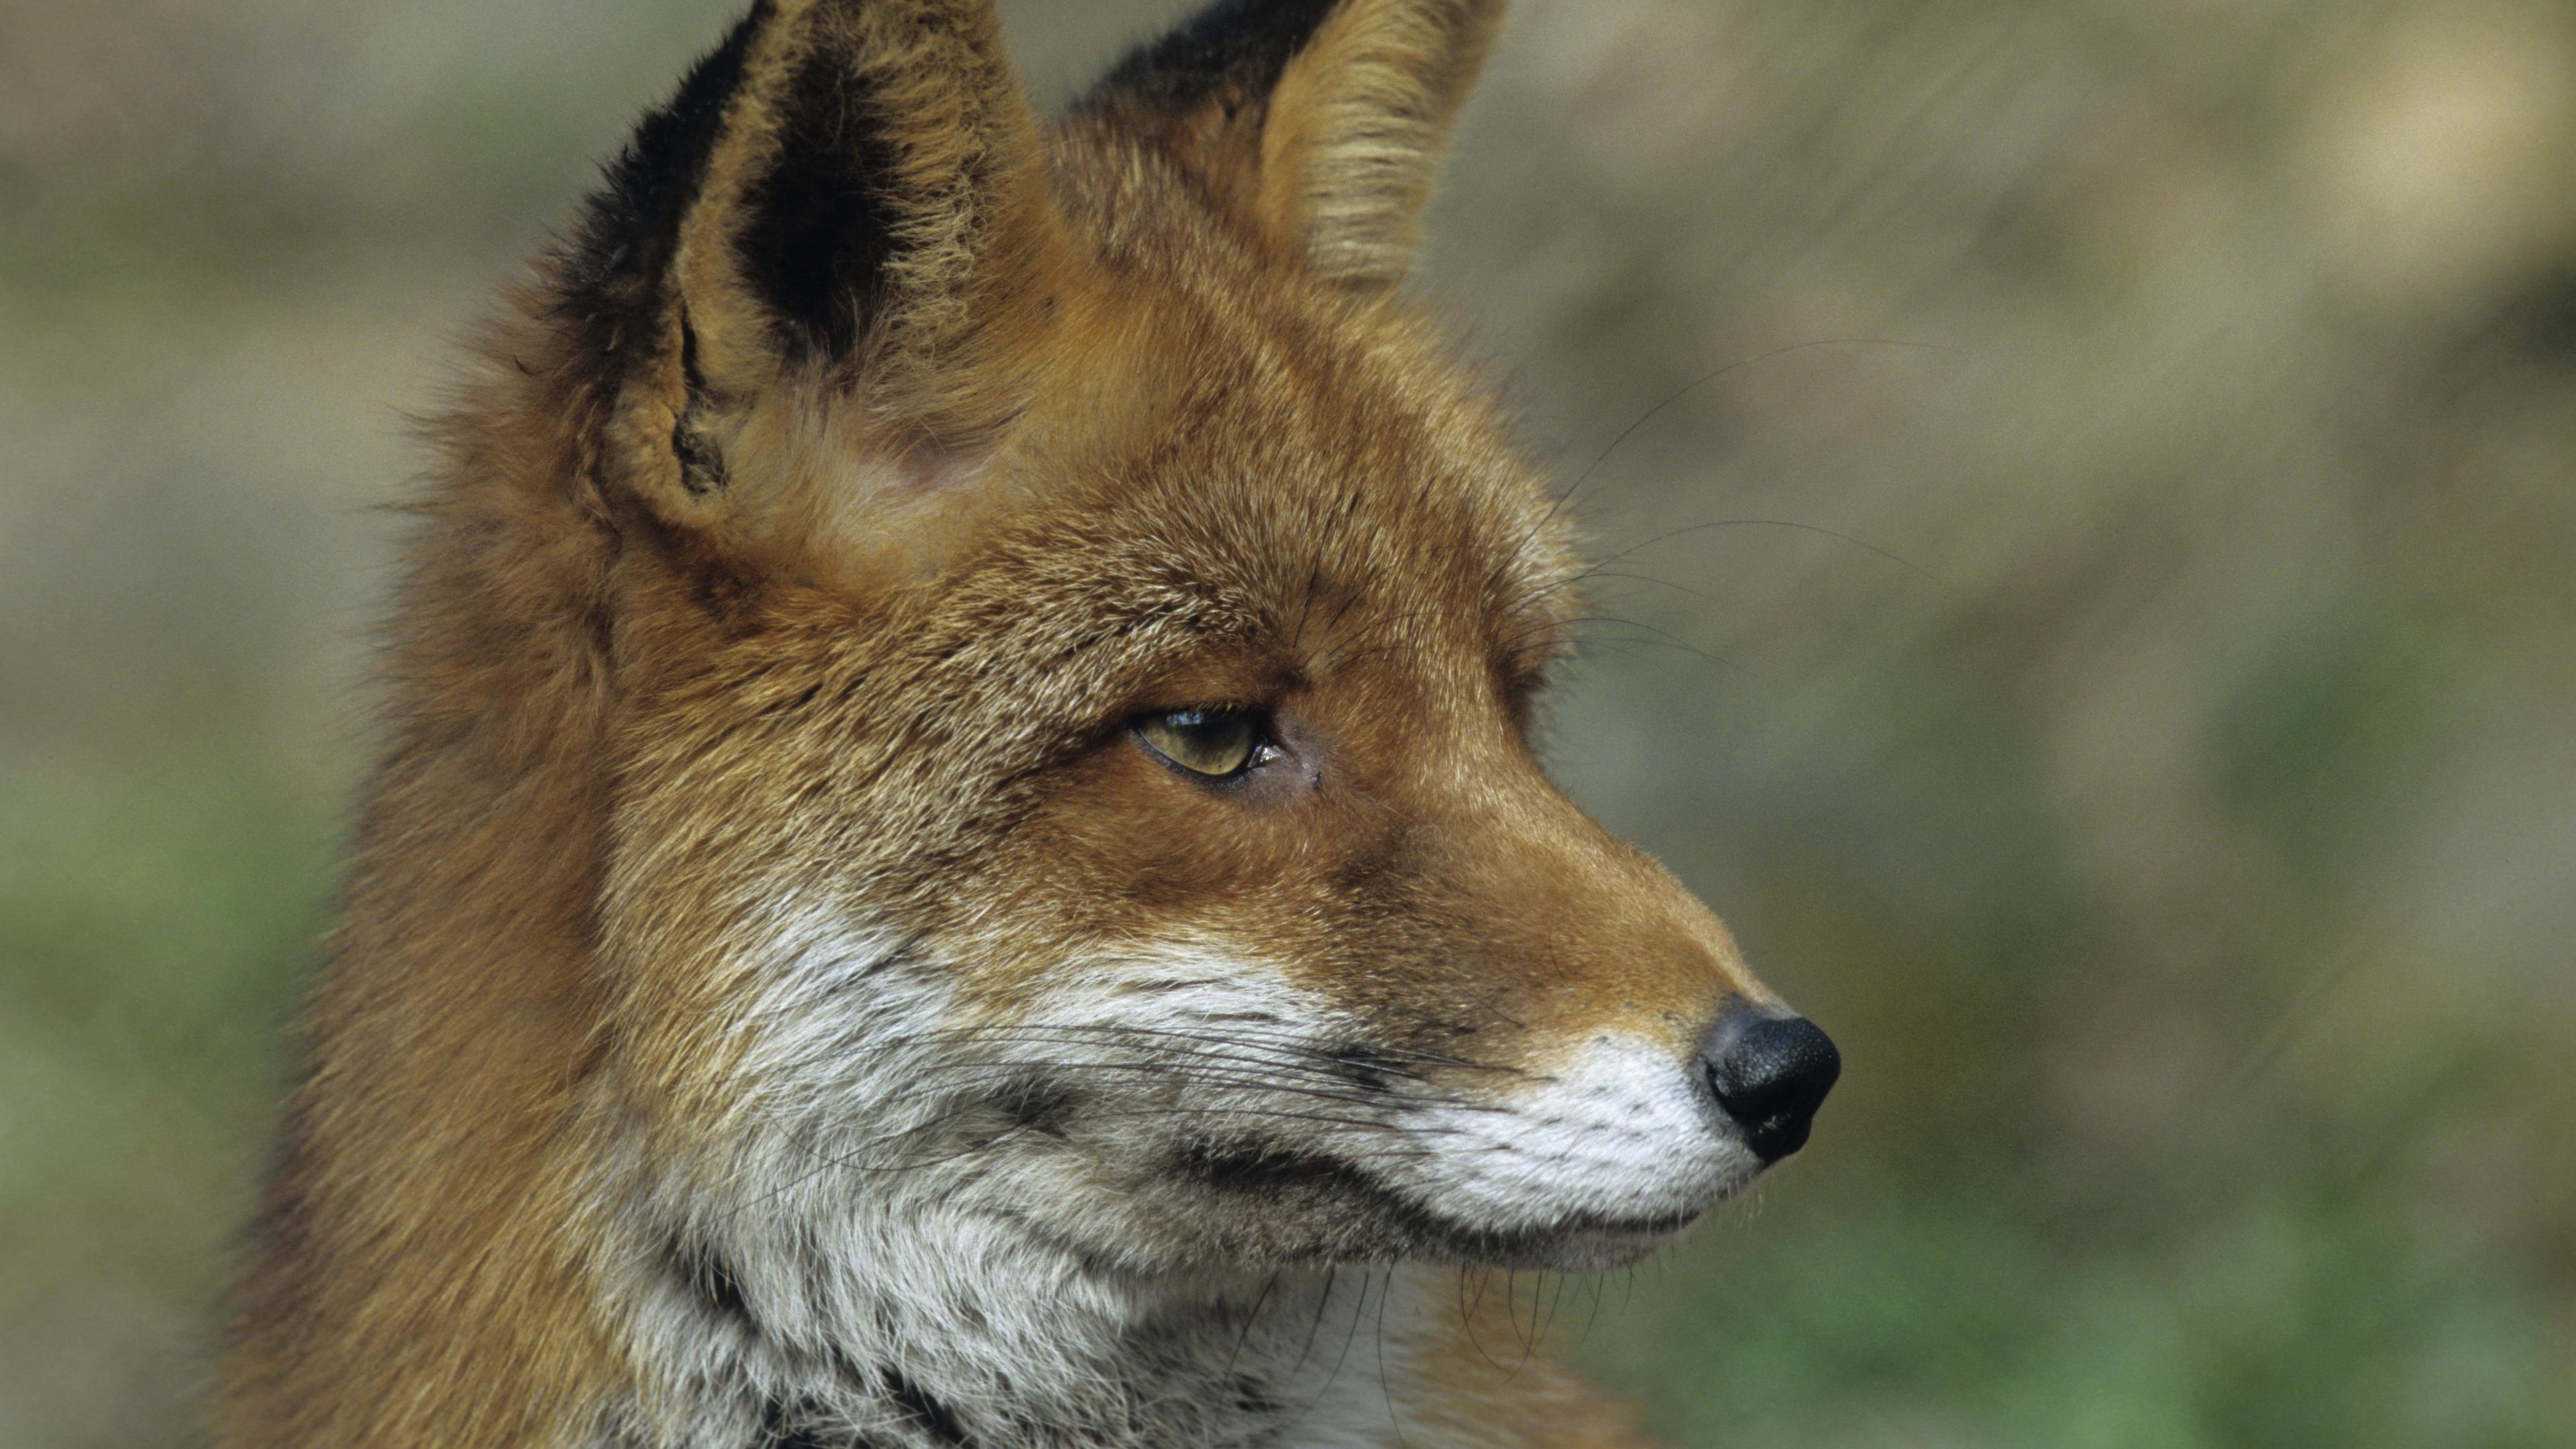 fox close up face 4k 1542242121 - fox, close up, face 4k - fox, Face, close-up